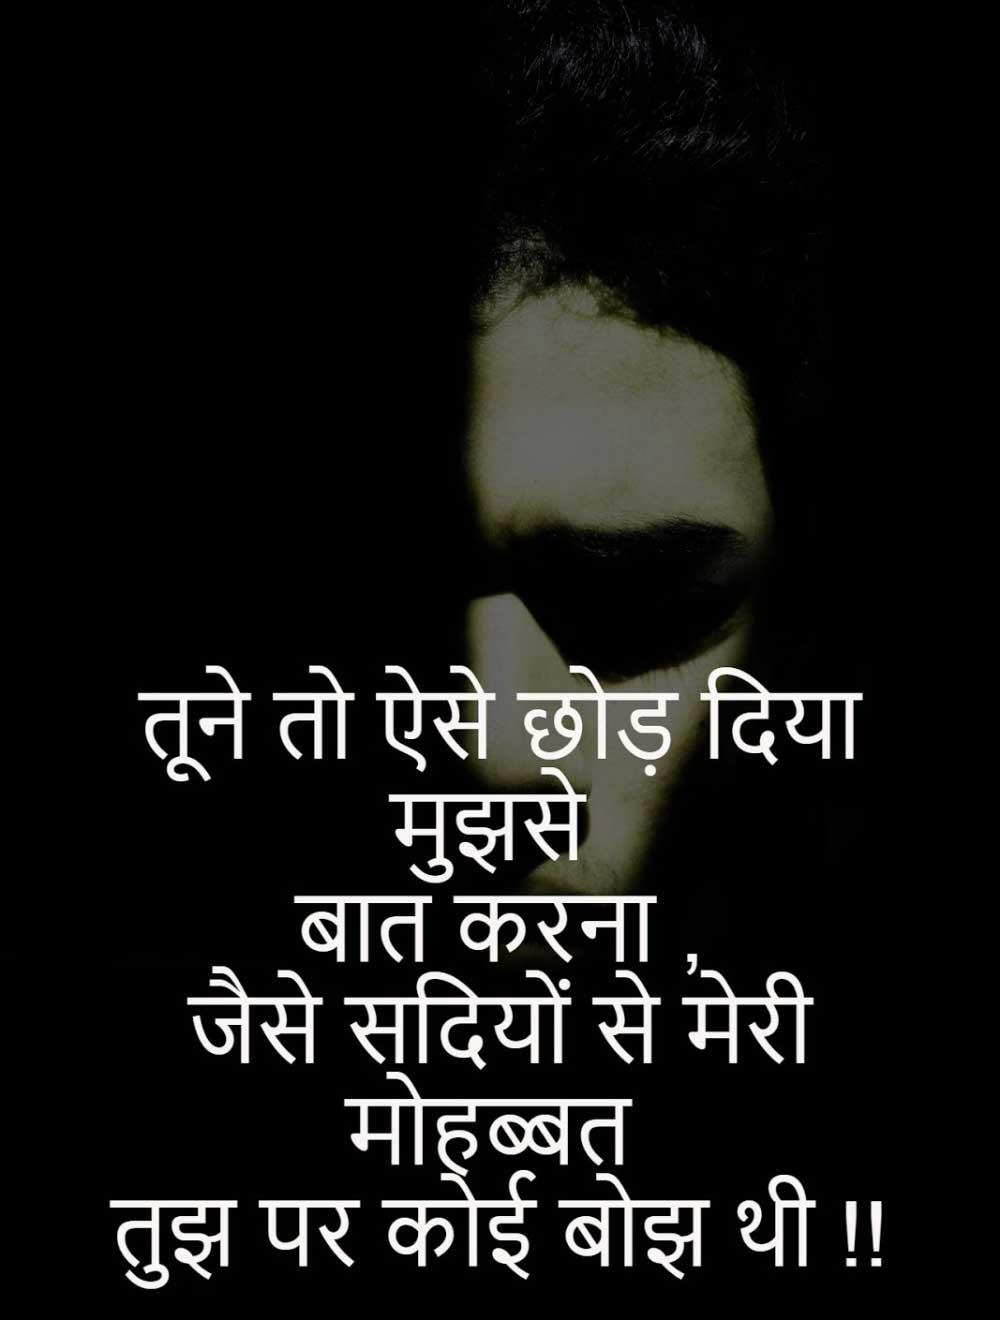 Hindi Quotes Whatsapp DP Free Hd Pics